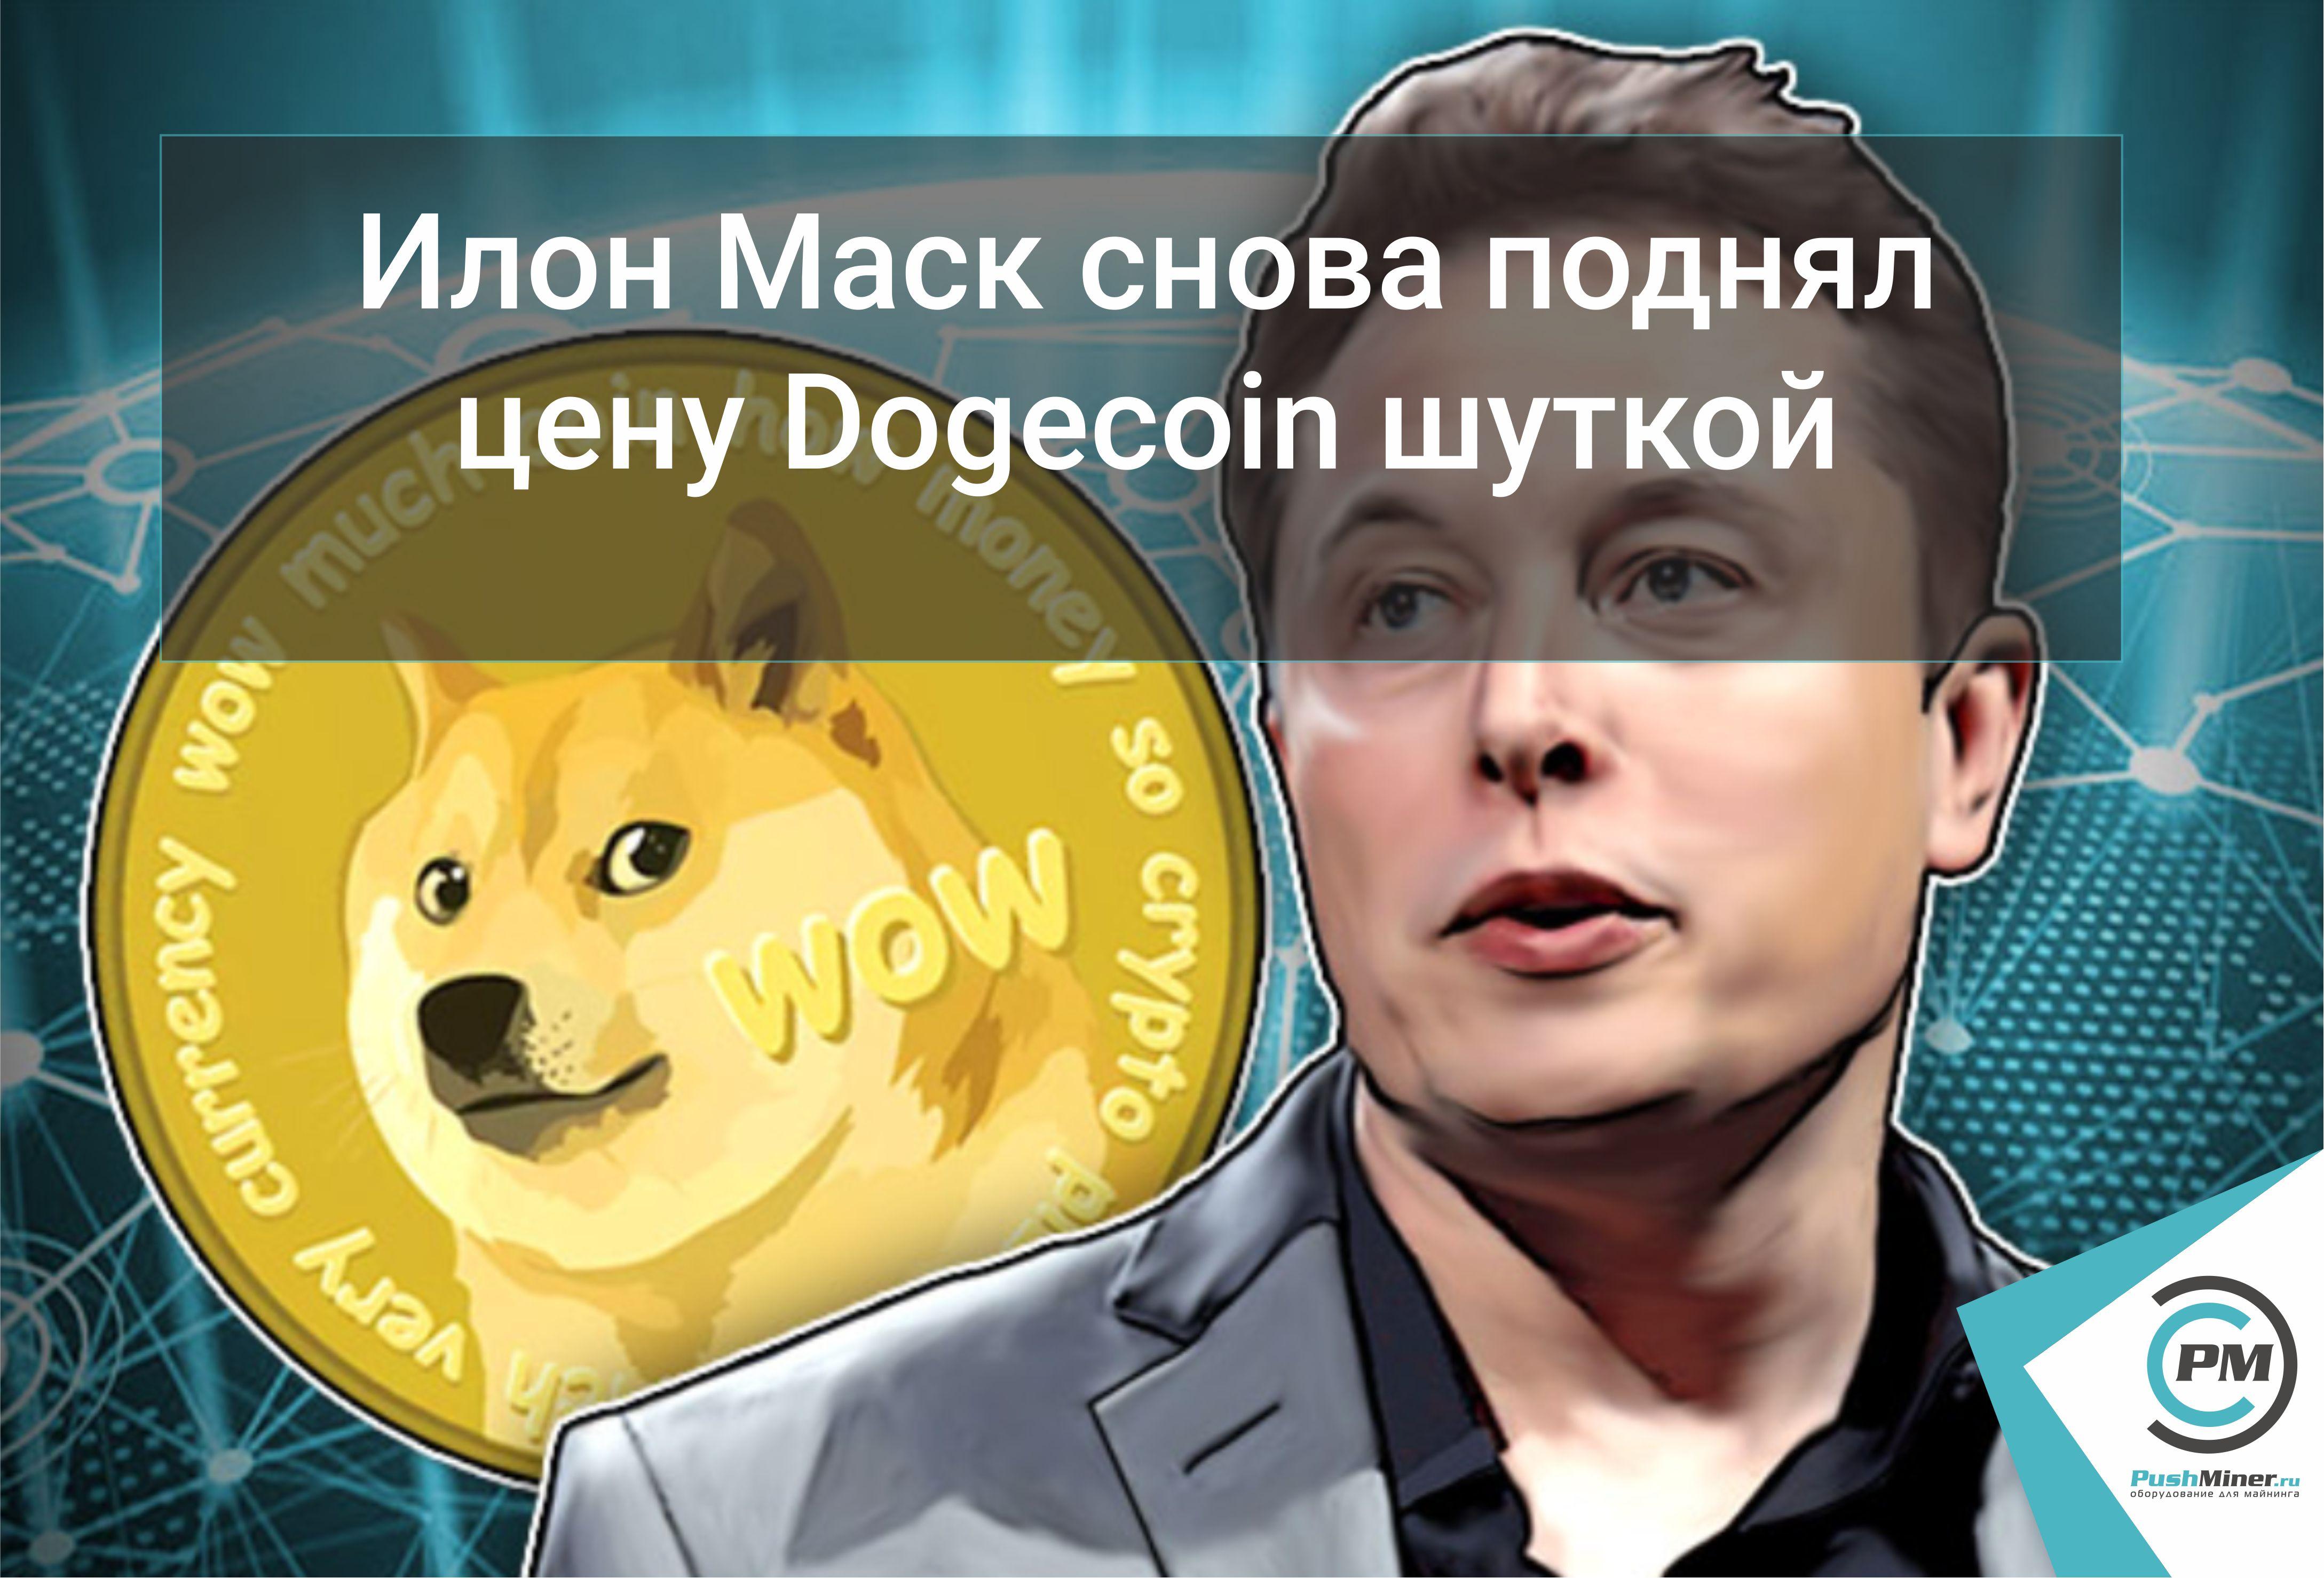 Илон Маск снова поднял цену Dogecoin шуткой